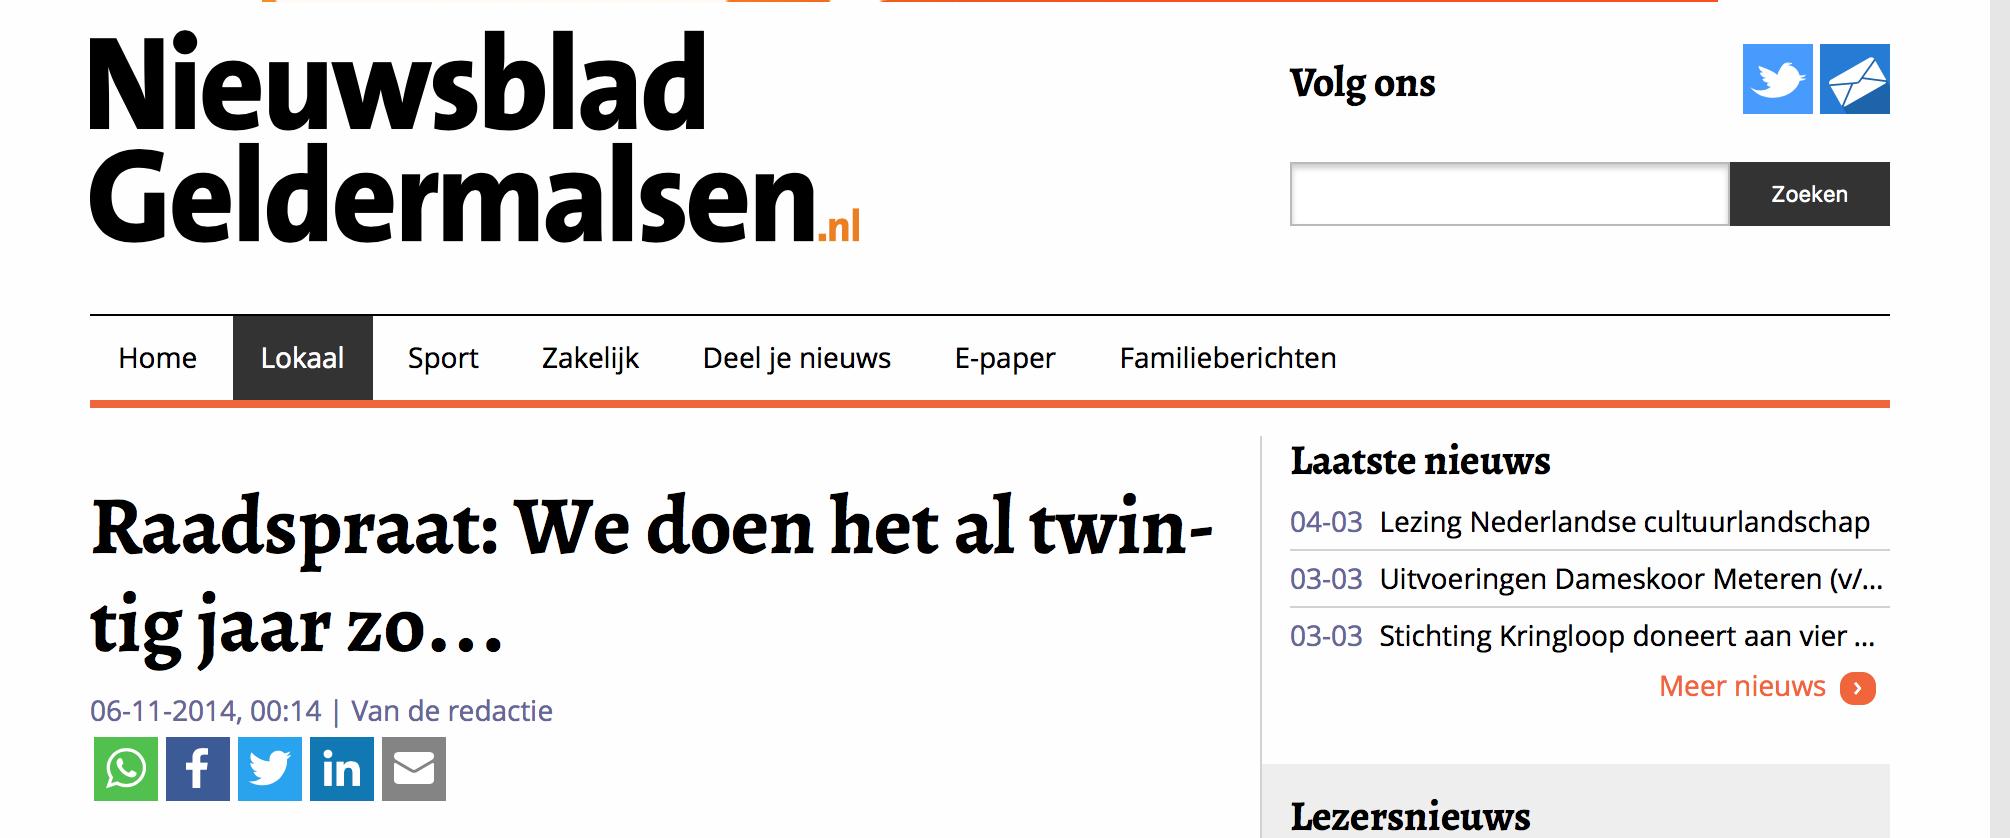 Raadspraat in Nieuwsblad Geldermalsen